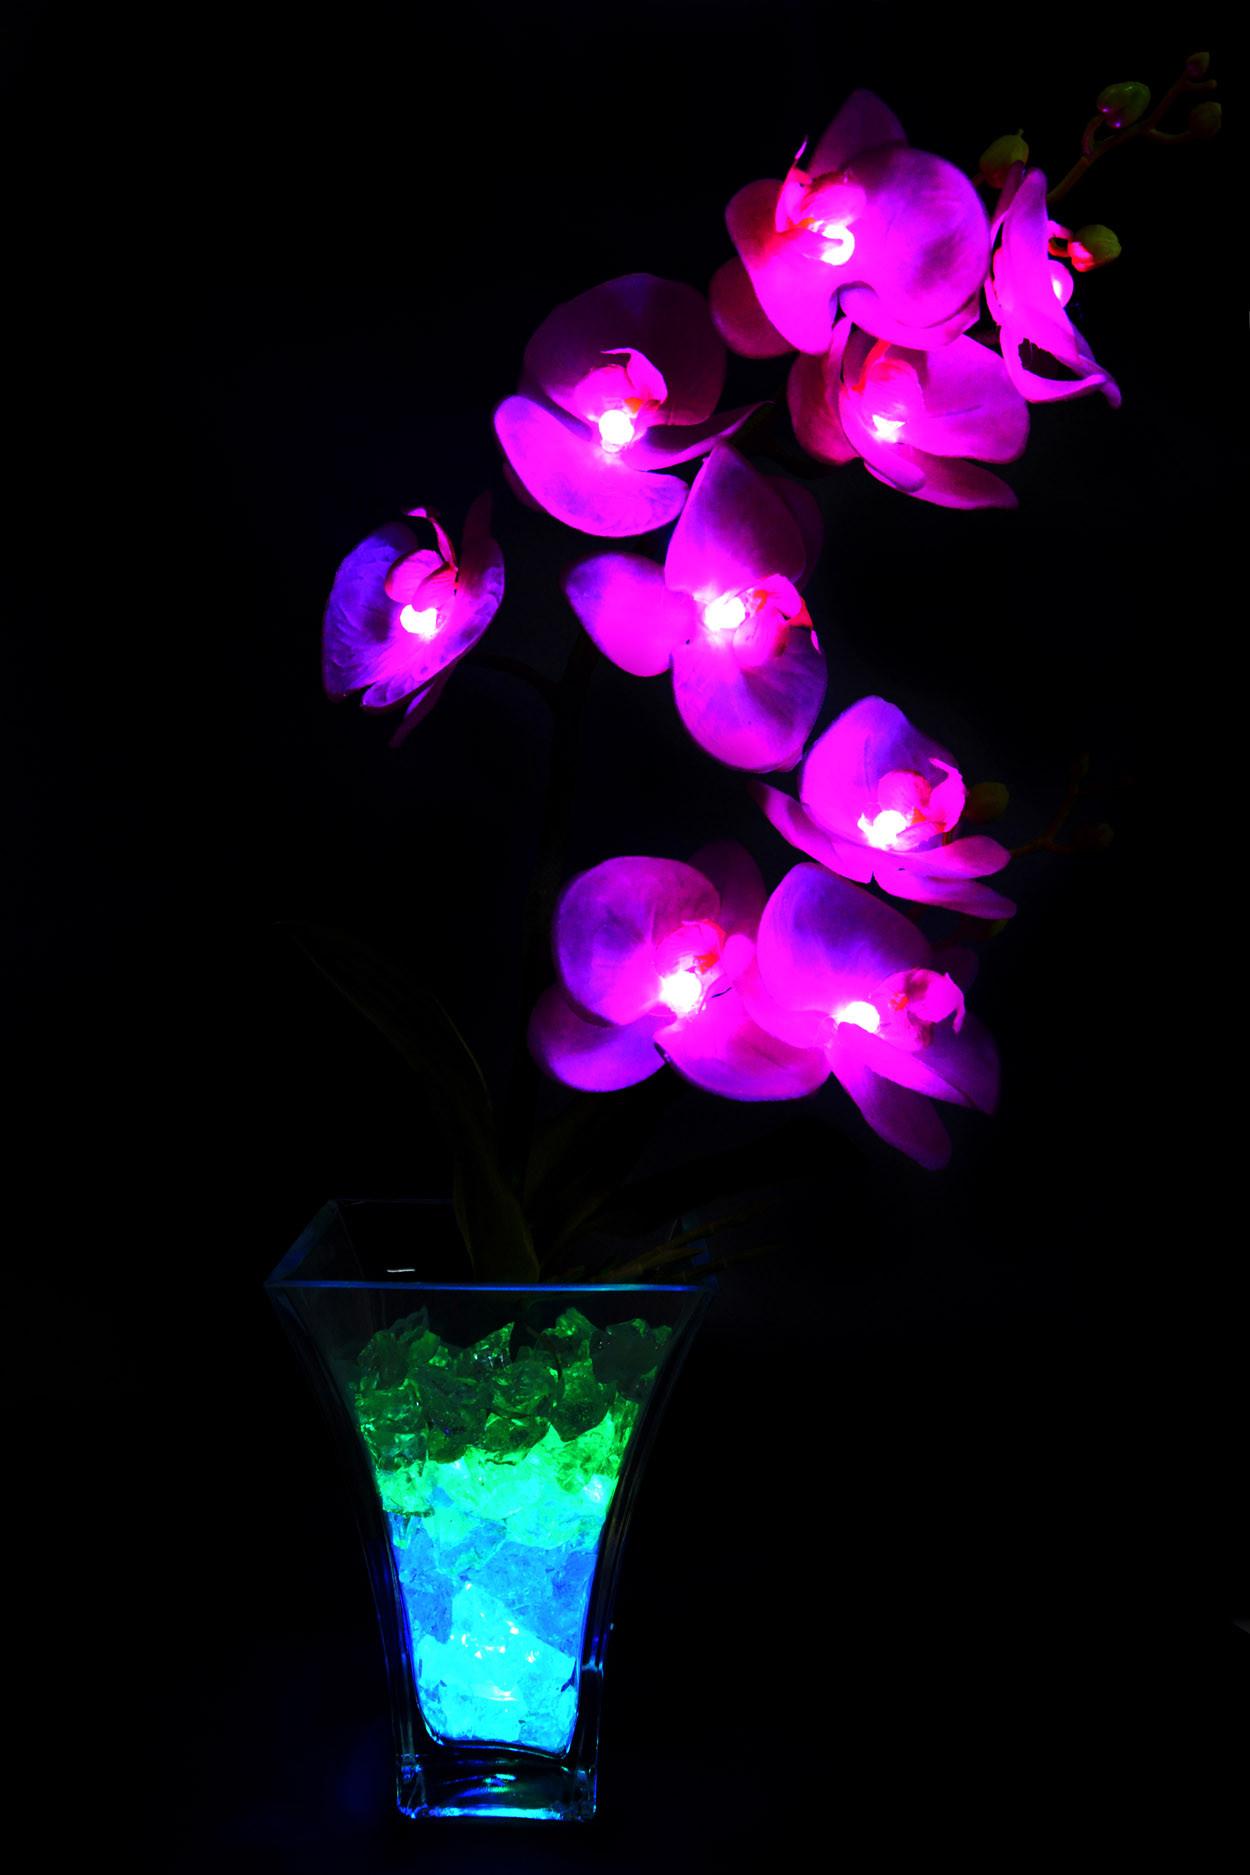 Светильник Орхидея фиолетовые(син-зел) 9 цветков